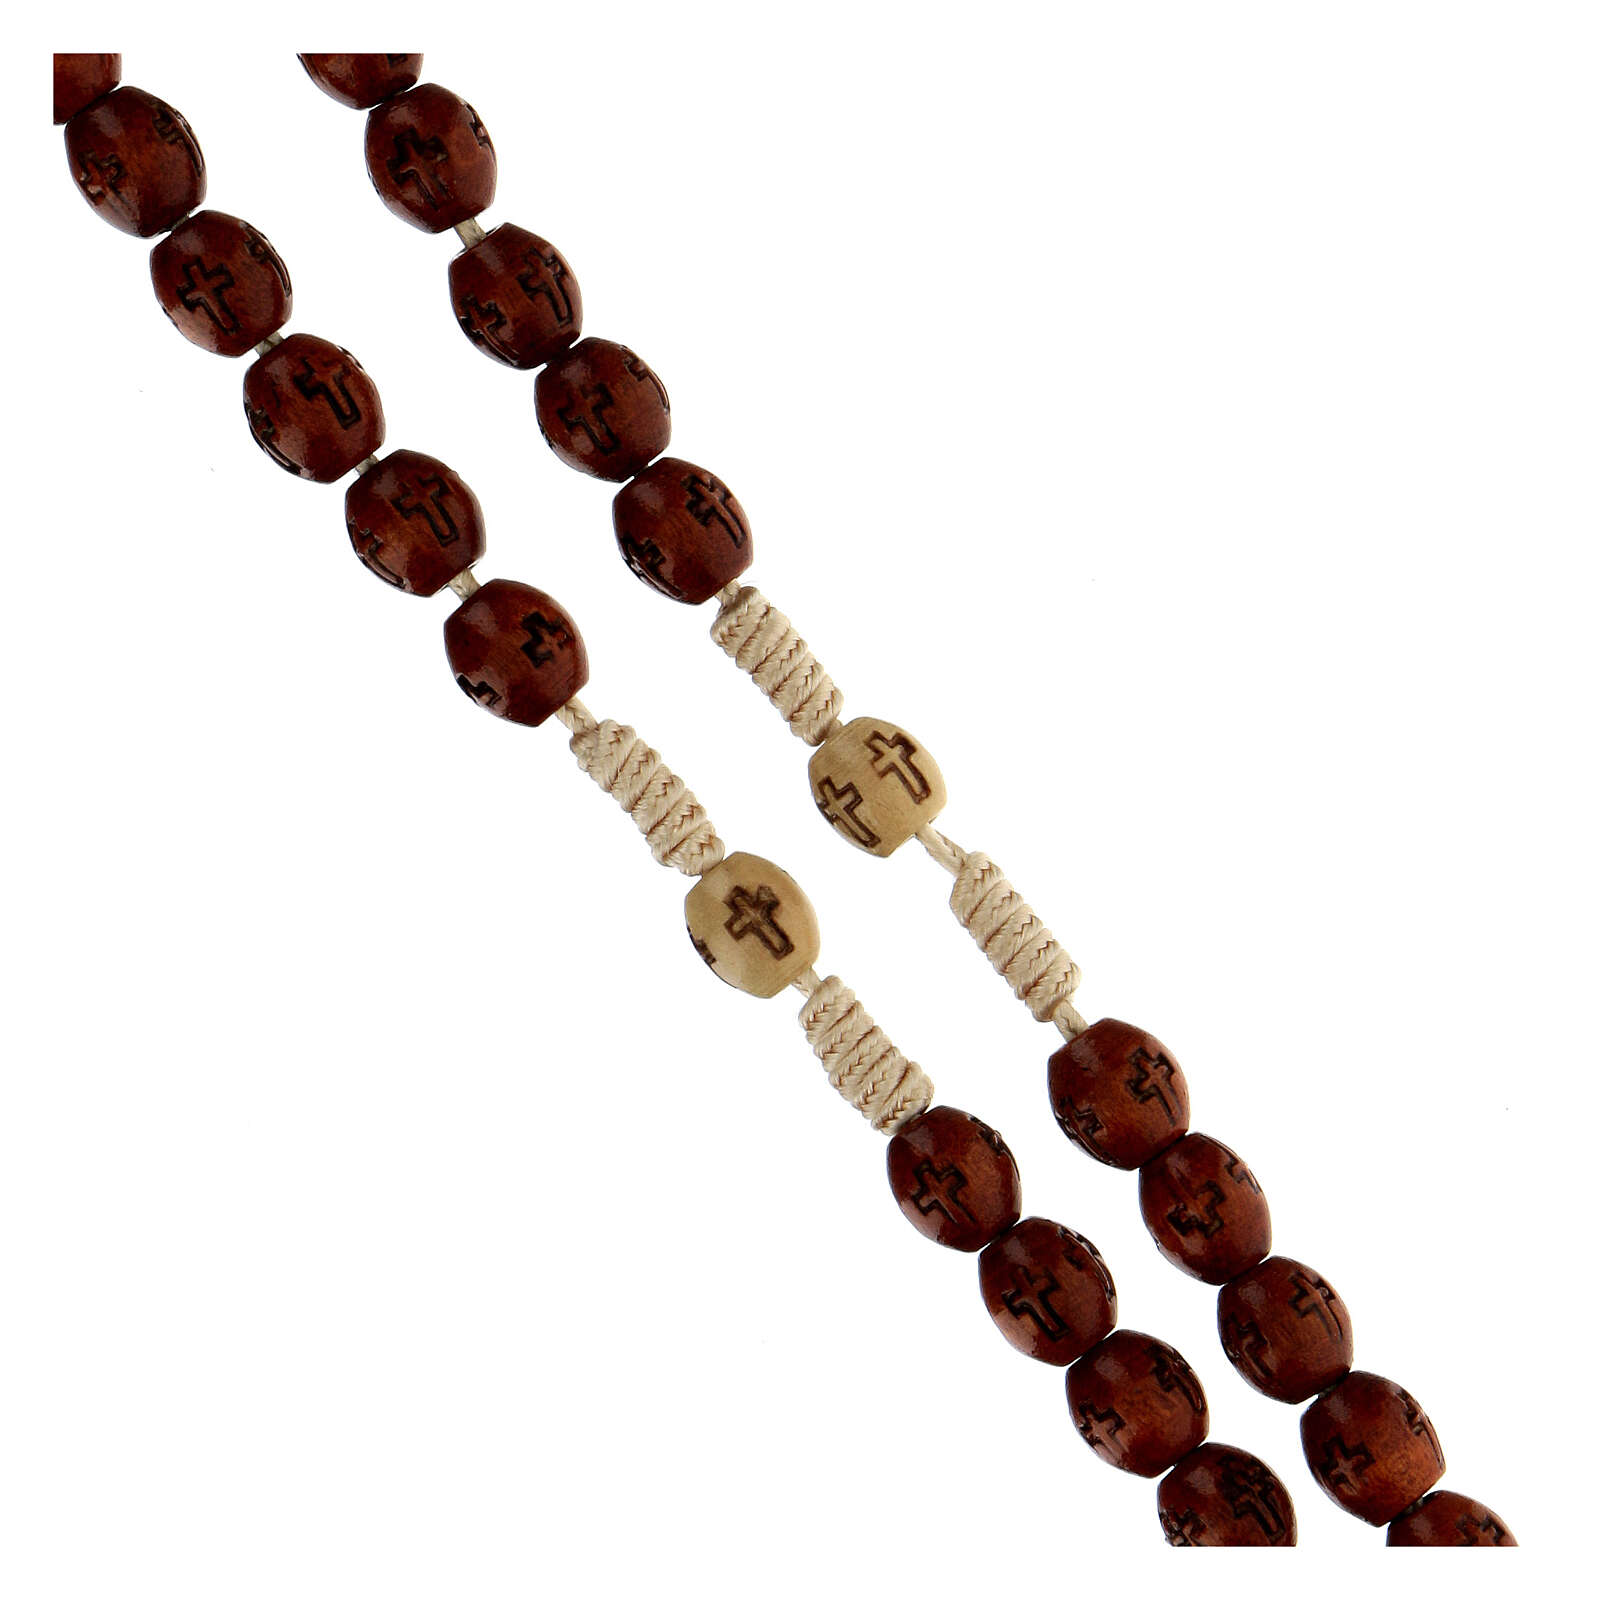 Rosario in corda soutage marrone grani ovali di legno 7x5 mm  4